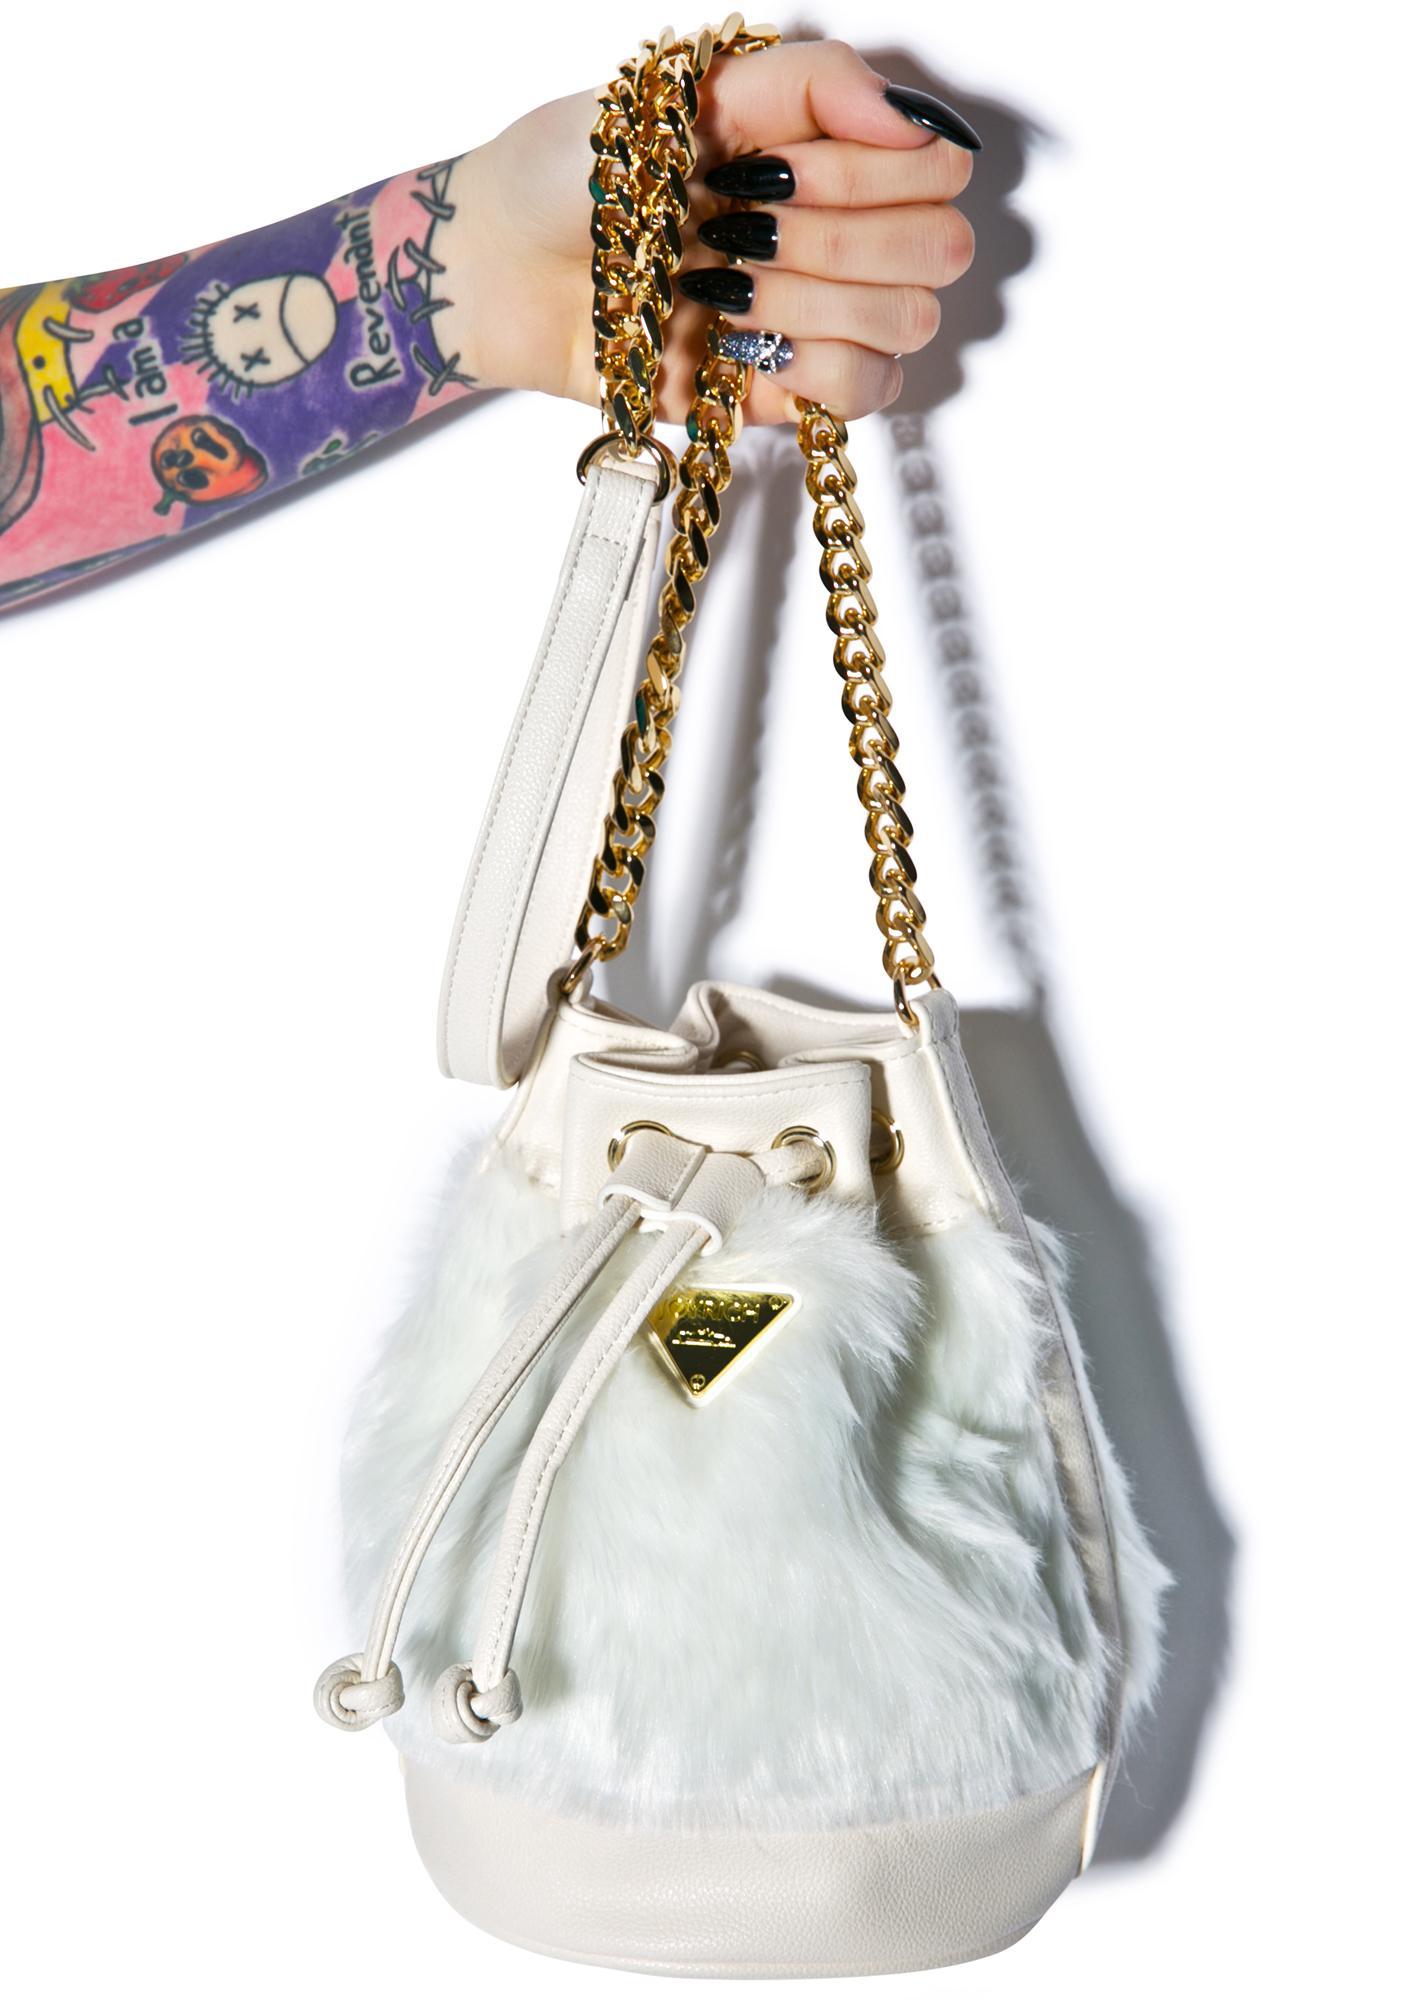 Joyrich Candy Fur Mini Bucket Bag